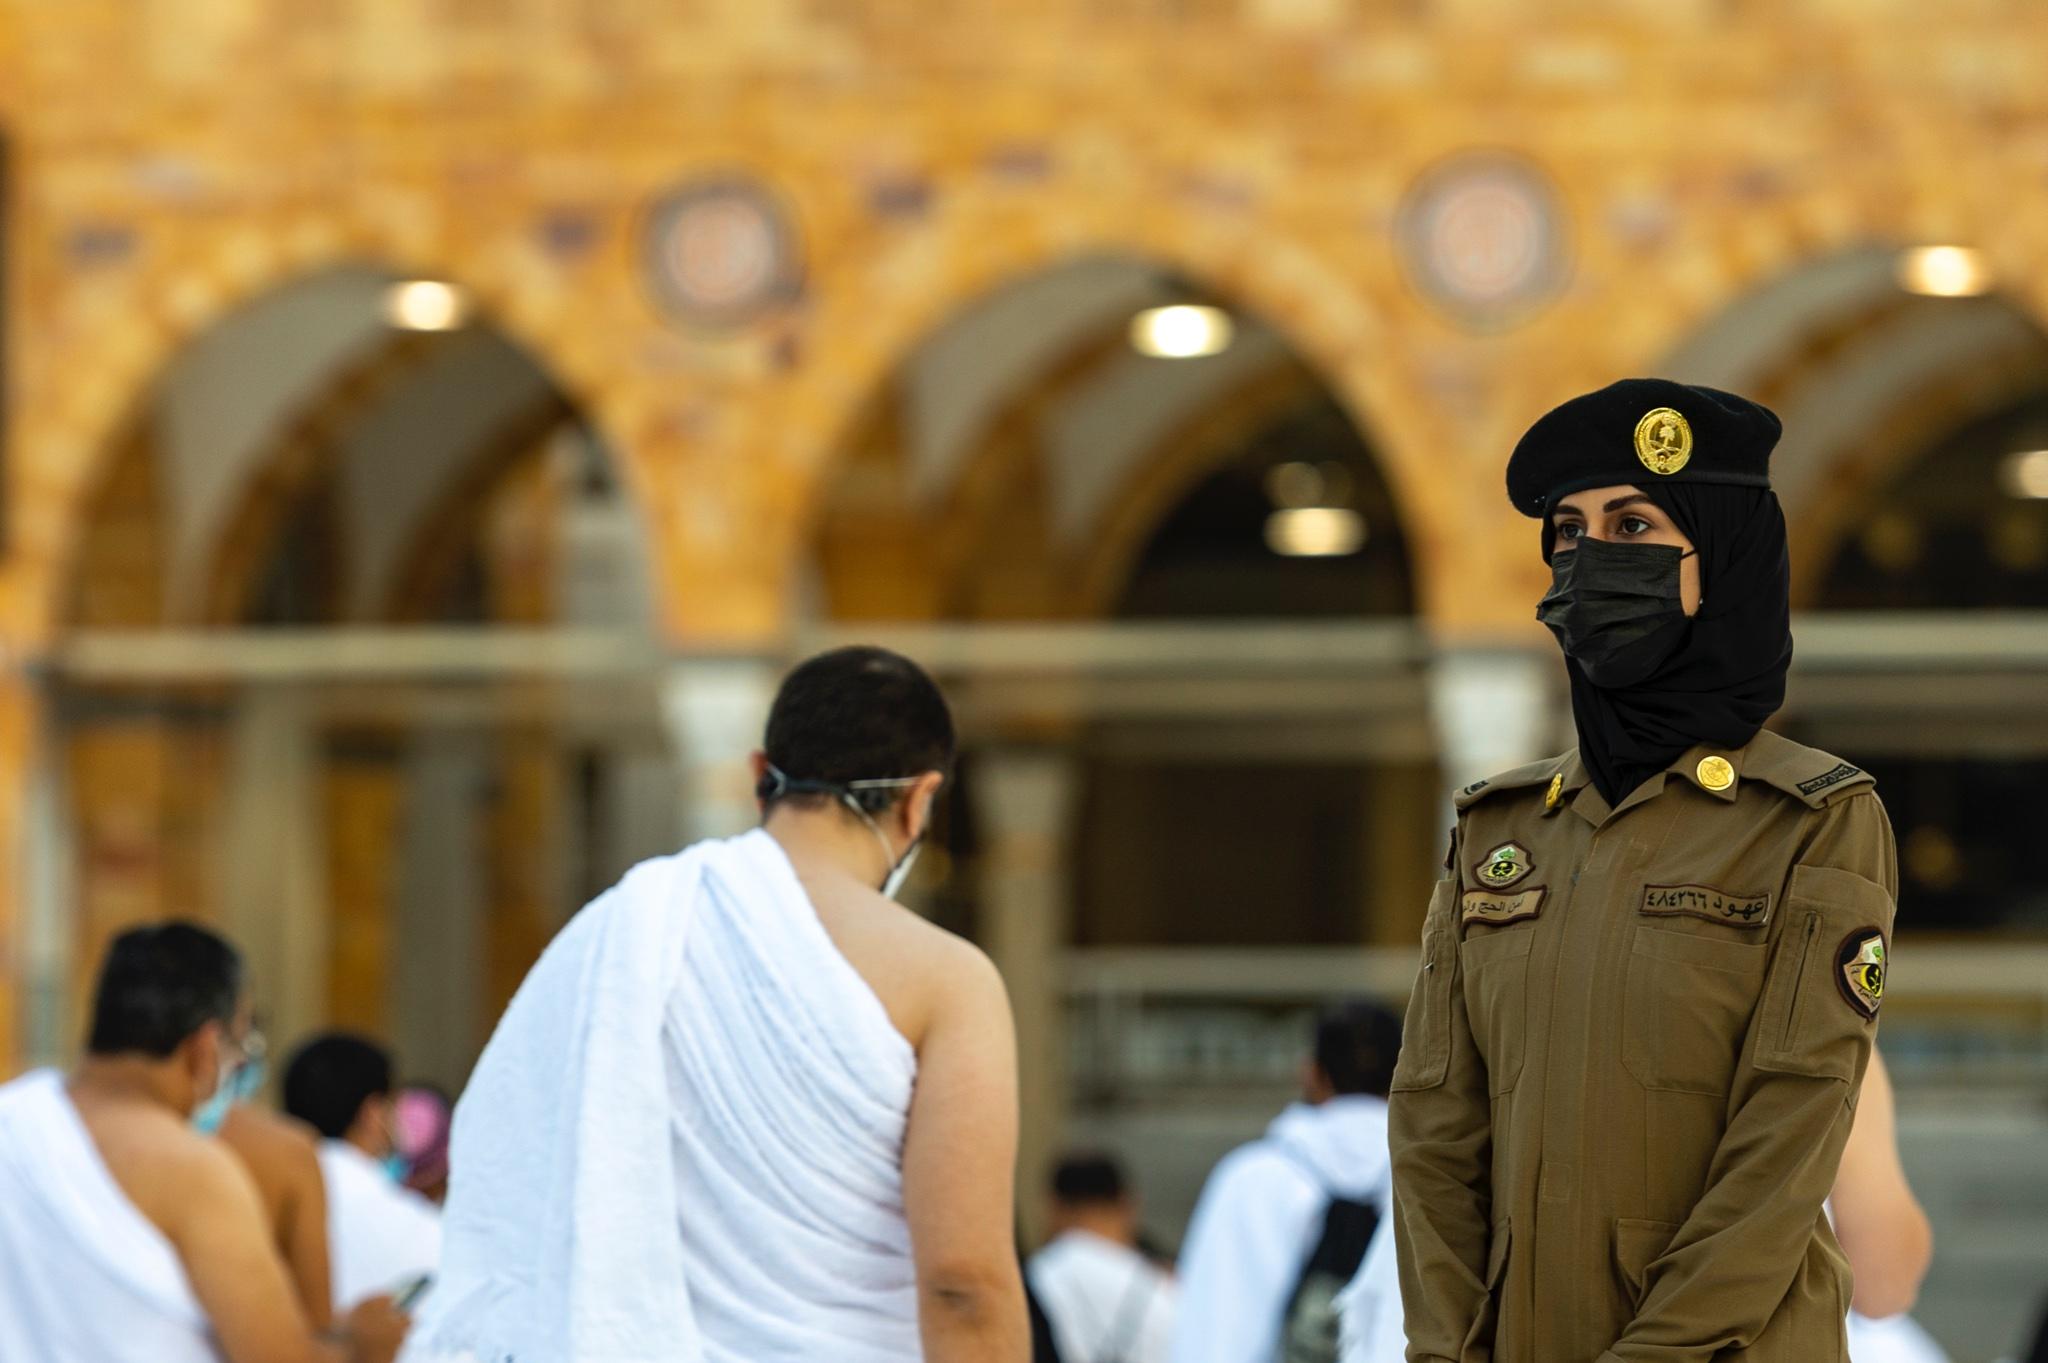 شرطية سعودية تتخذ مكانها فى الحرم المكى للمساعدة على توفير الامن